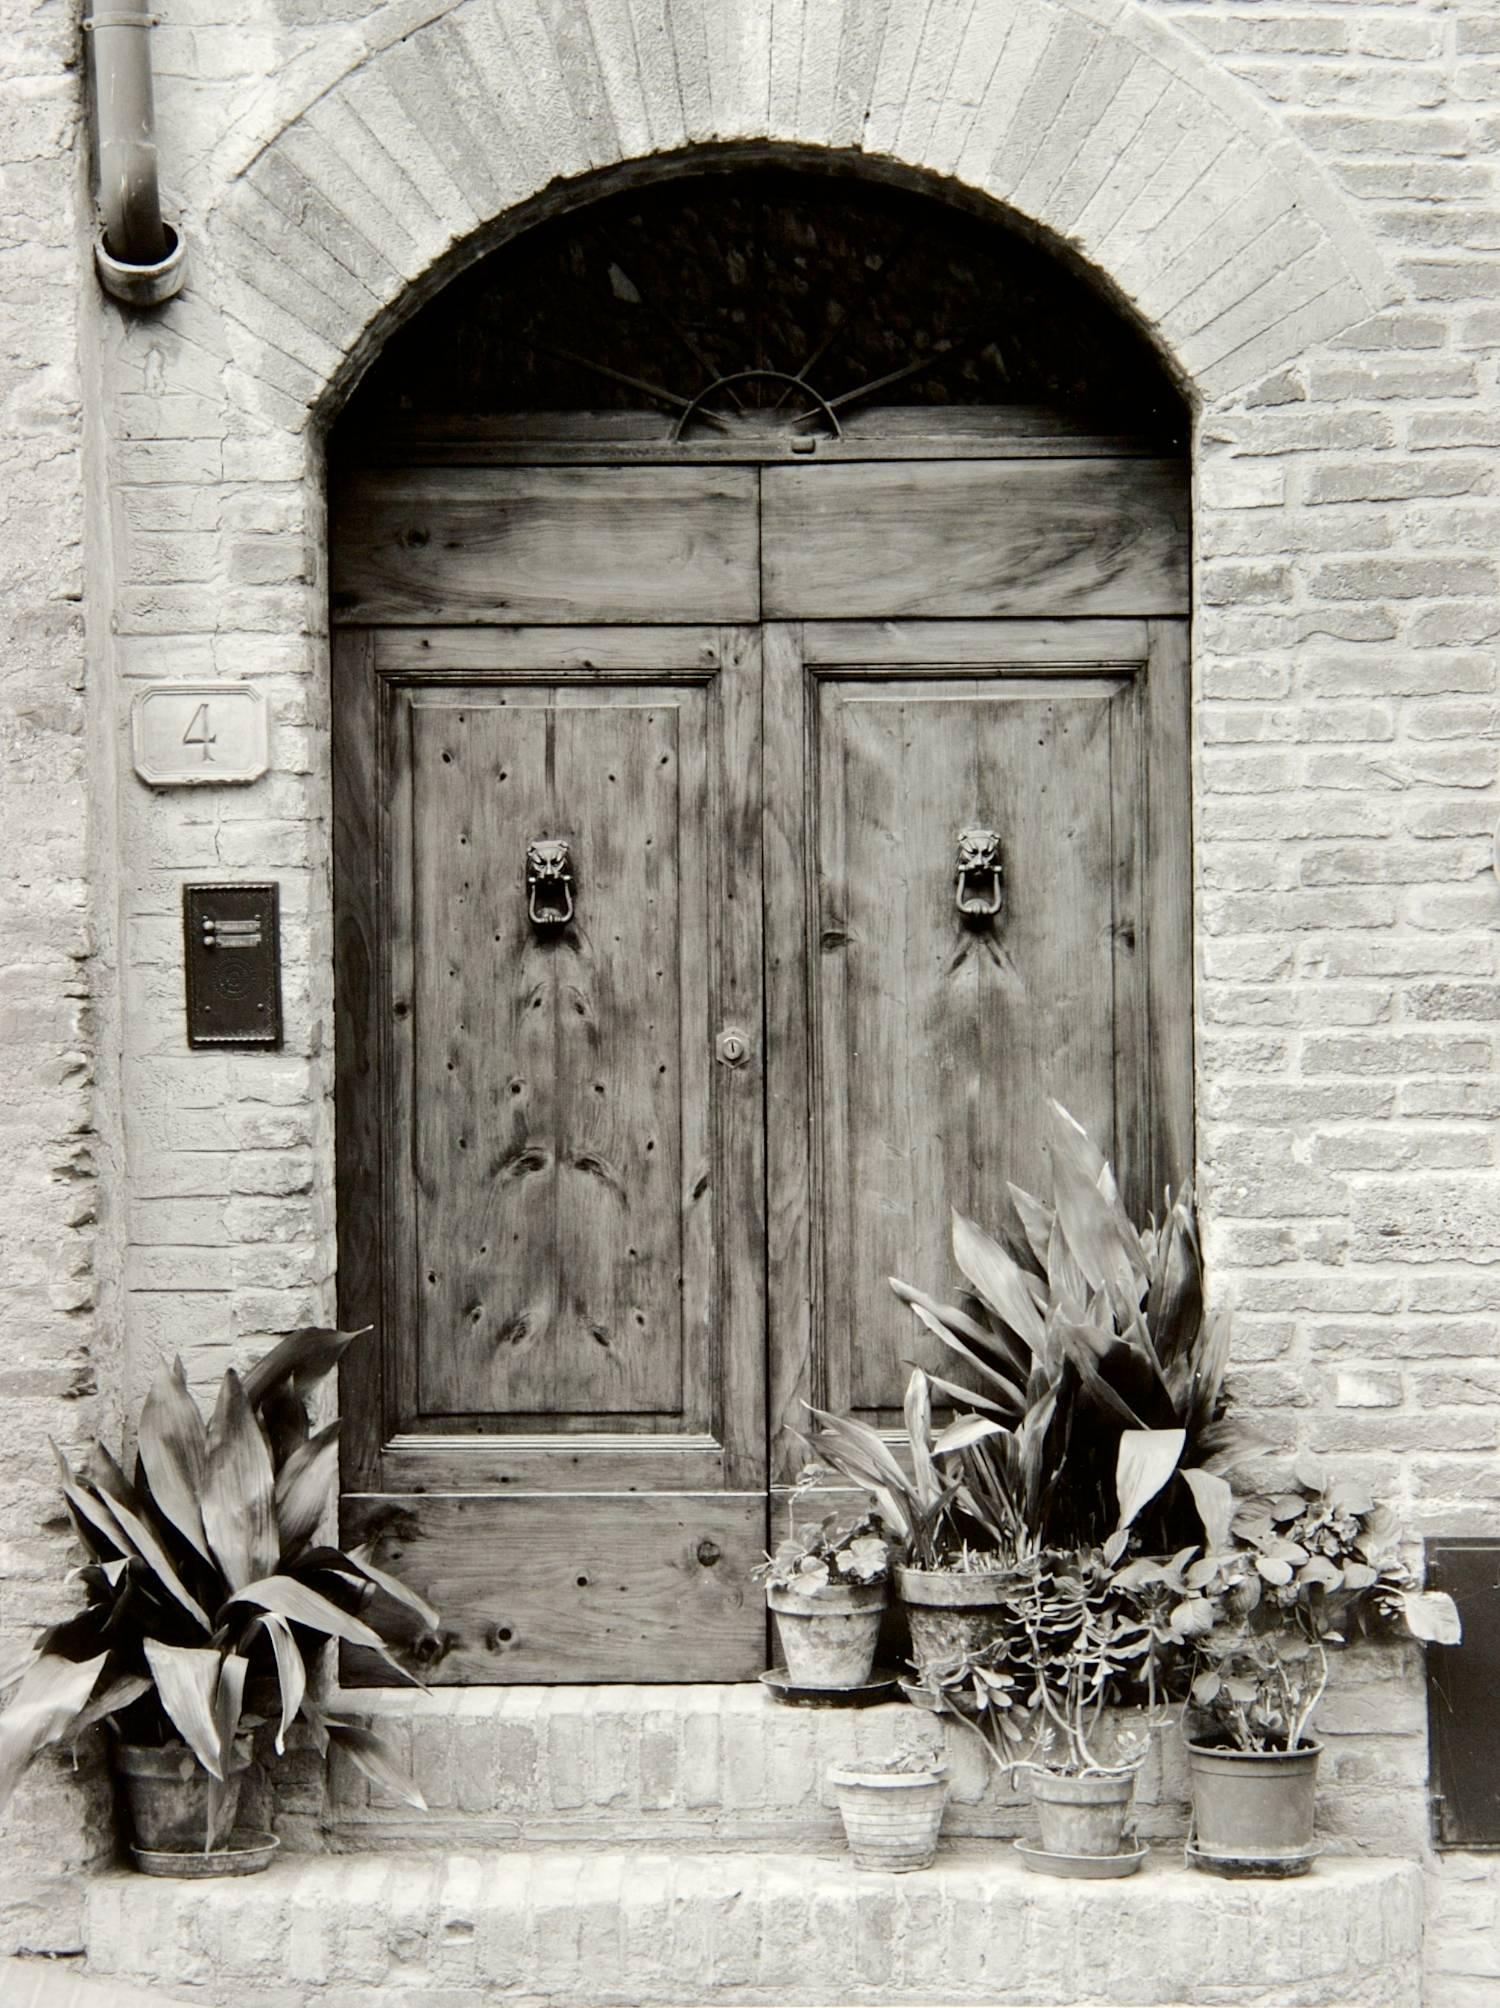 Doors at Via San Stefano (San Gimignano, Italy)